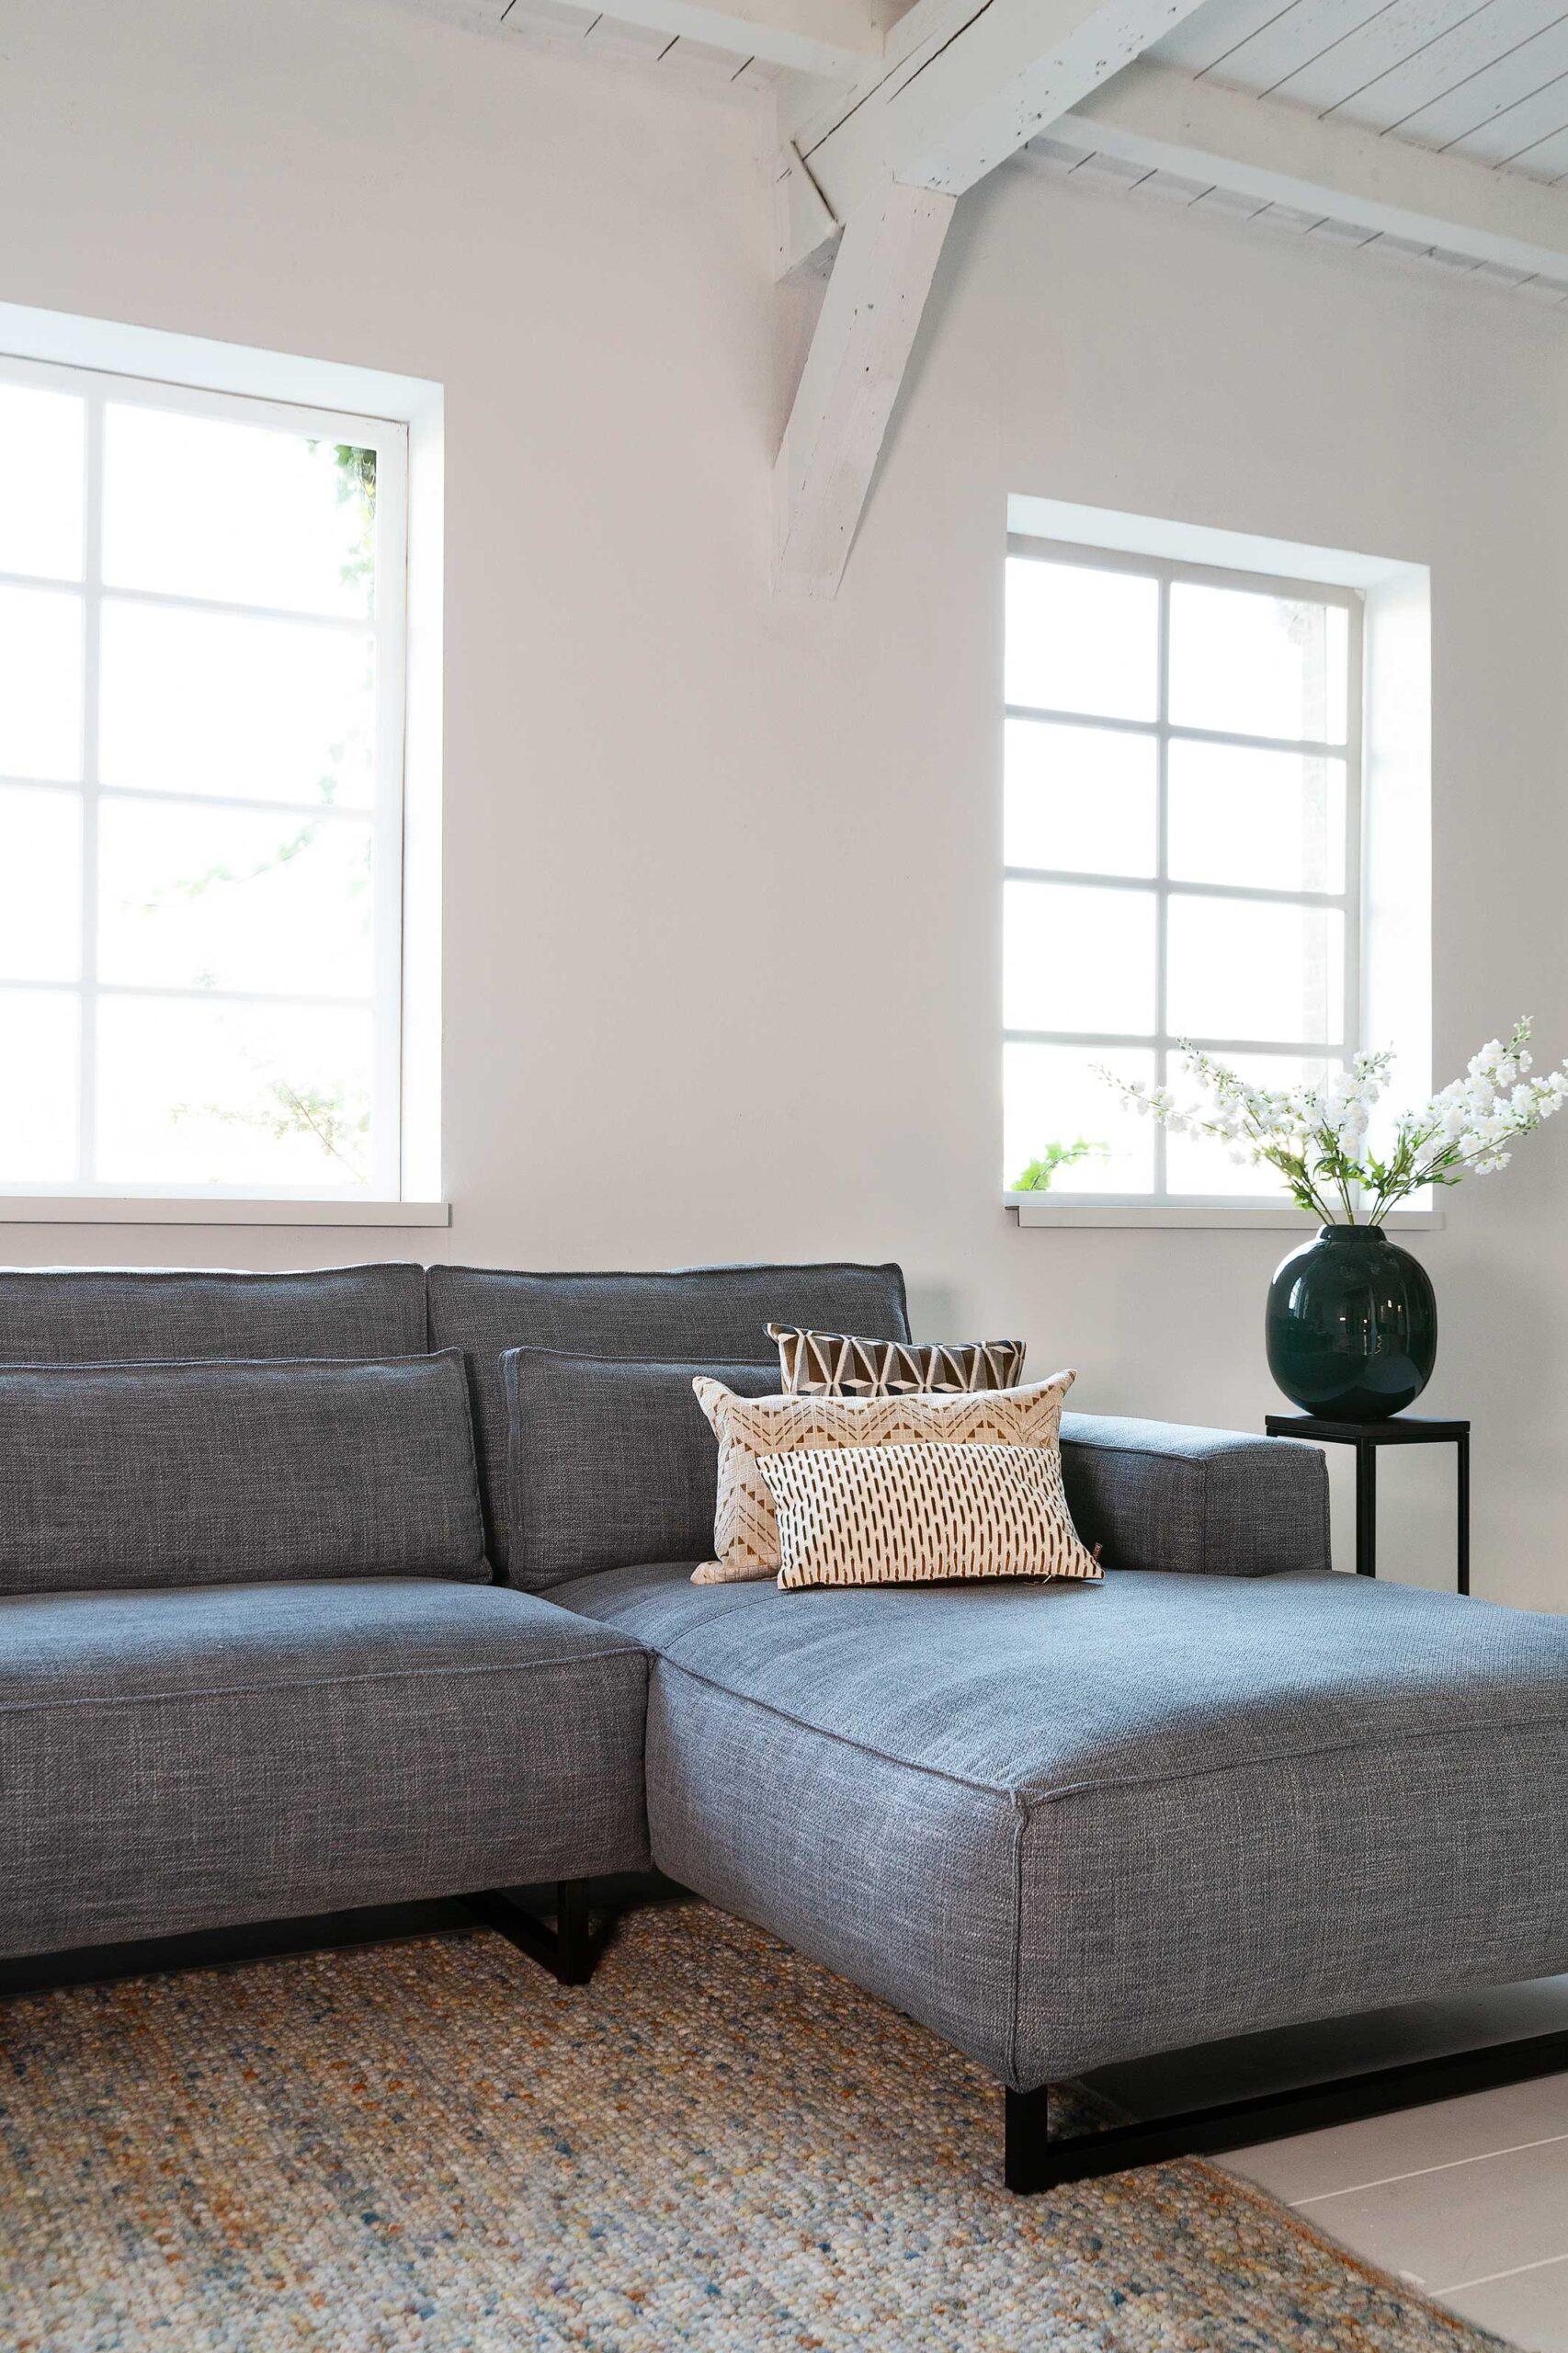 vivre-de-provence-bank-detail-longchair-grijs-soofs-interieur